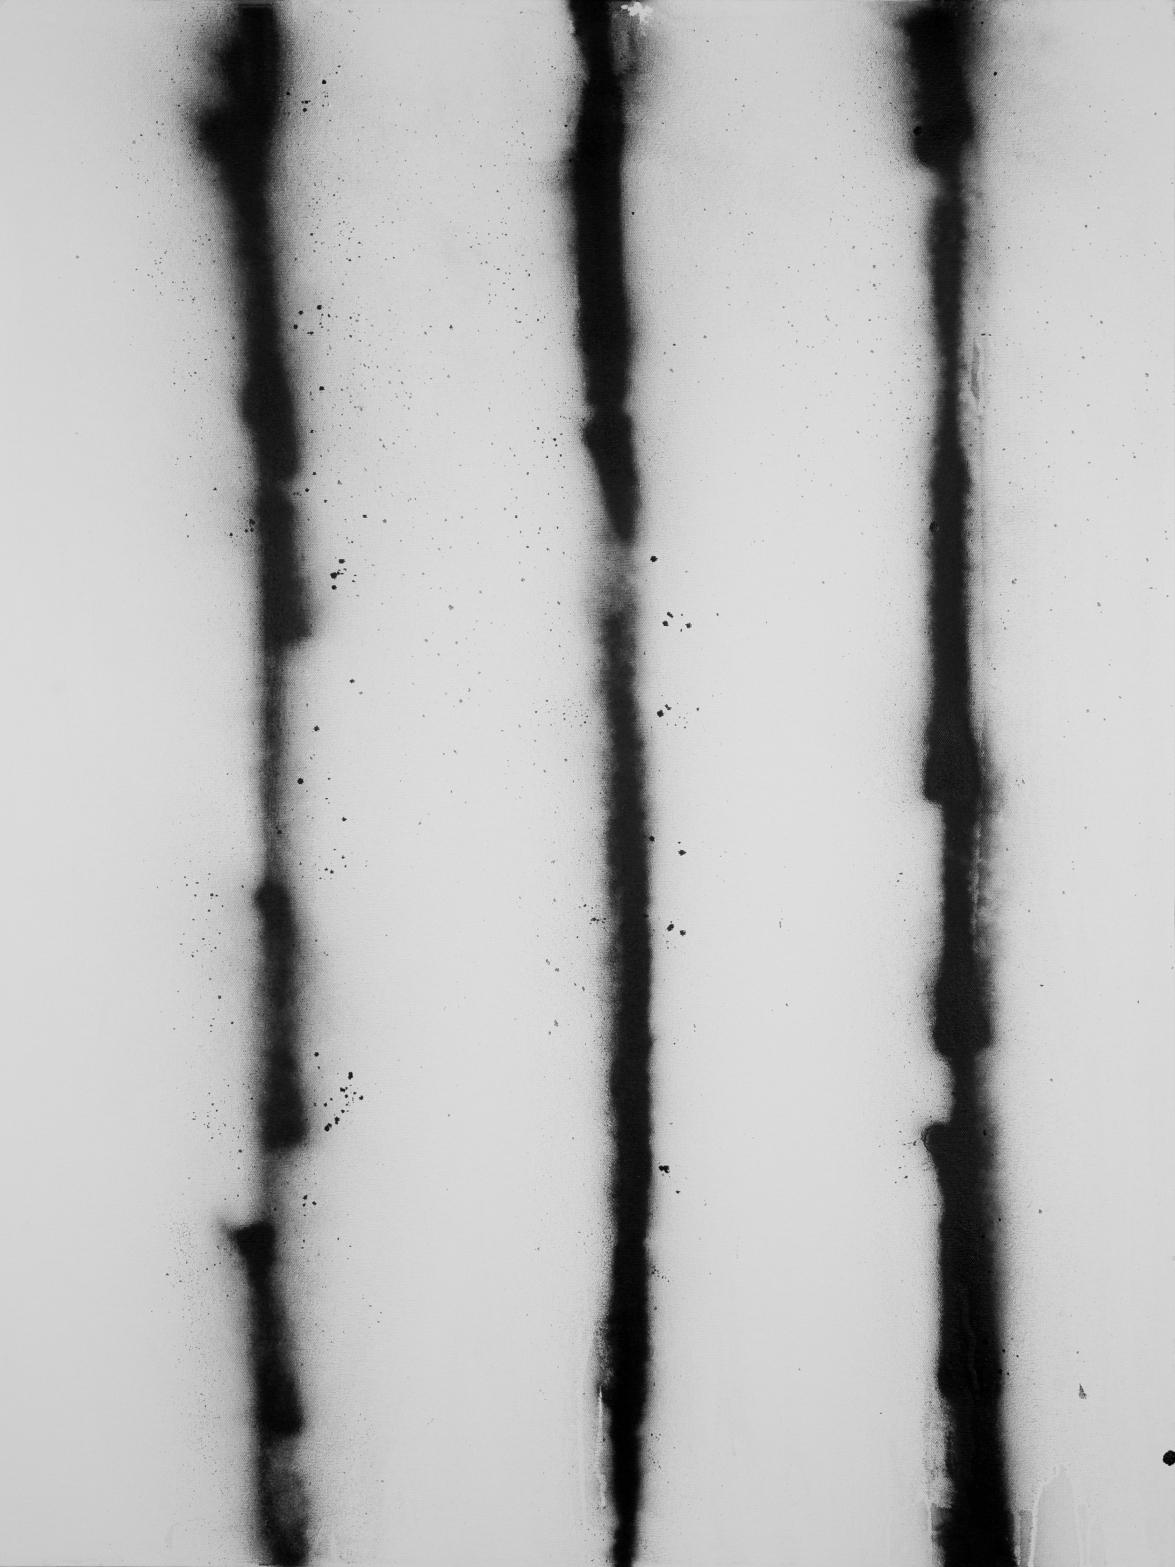 V Black spray oW #1 7.2013 (30''x40'')